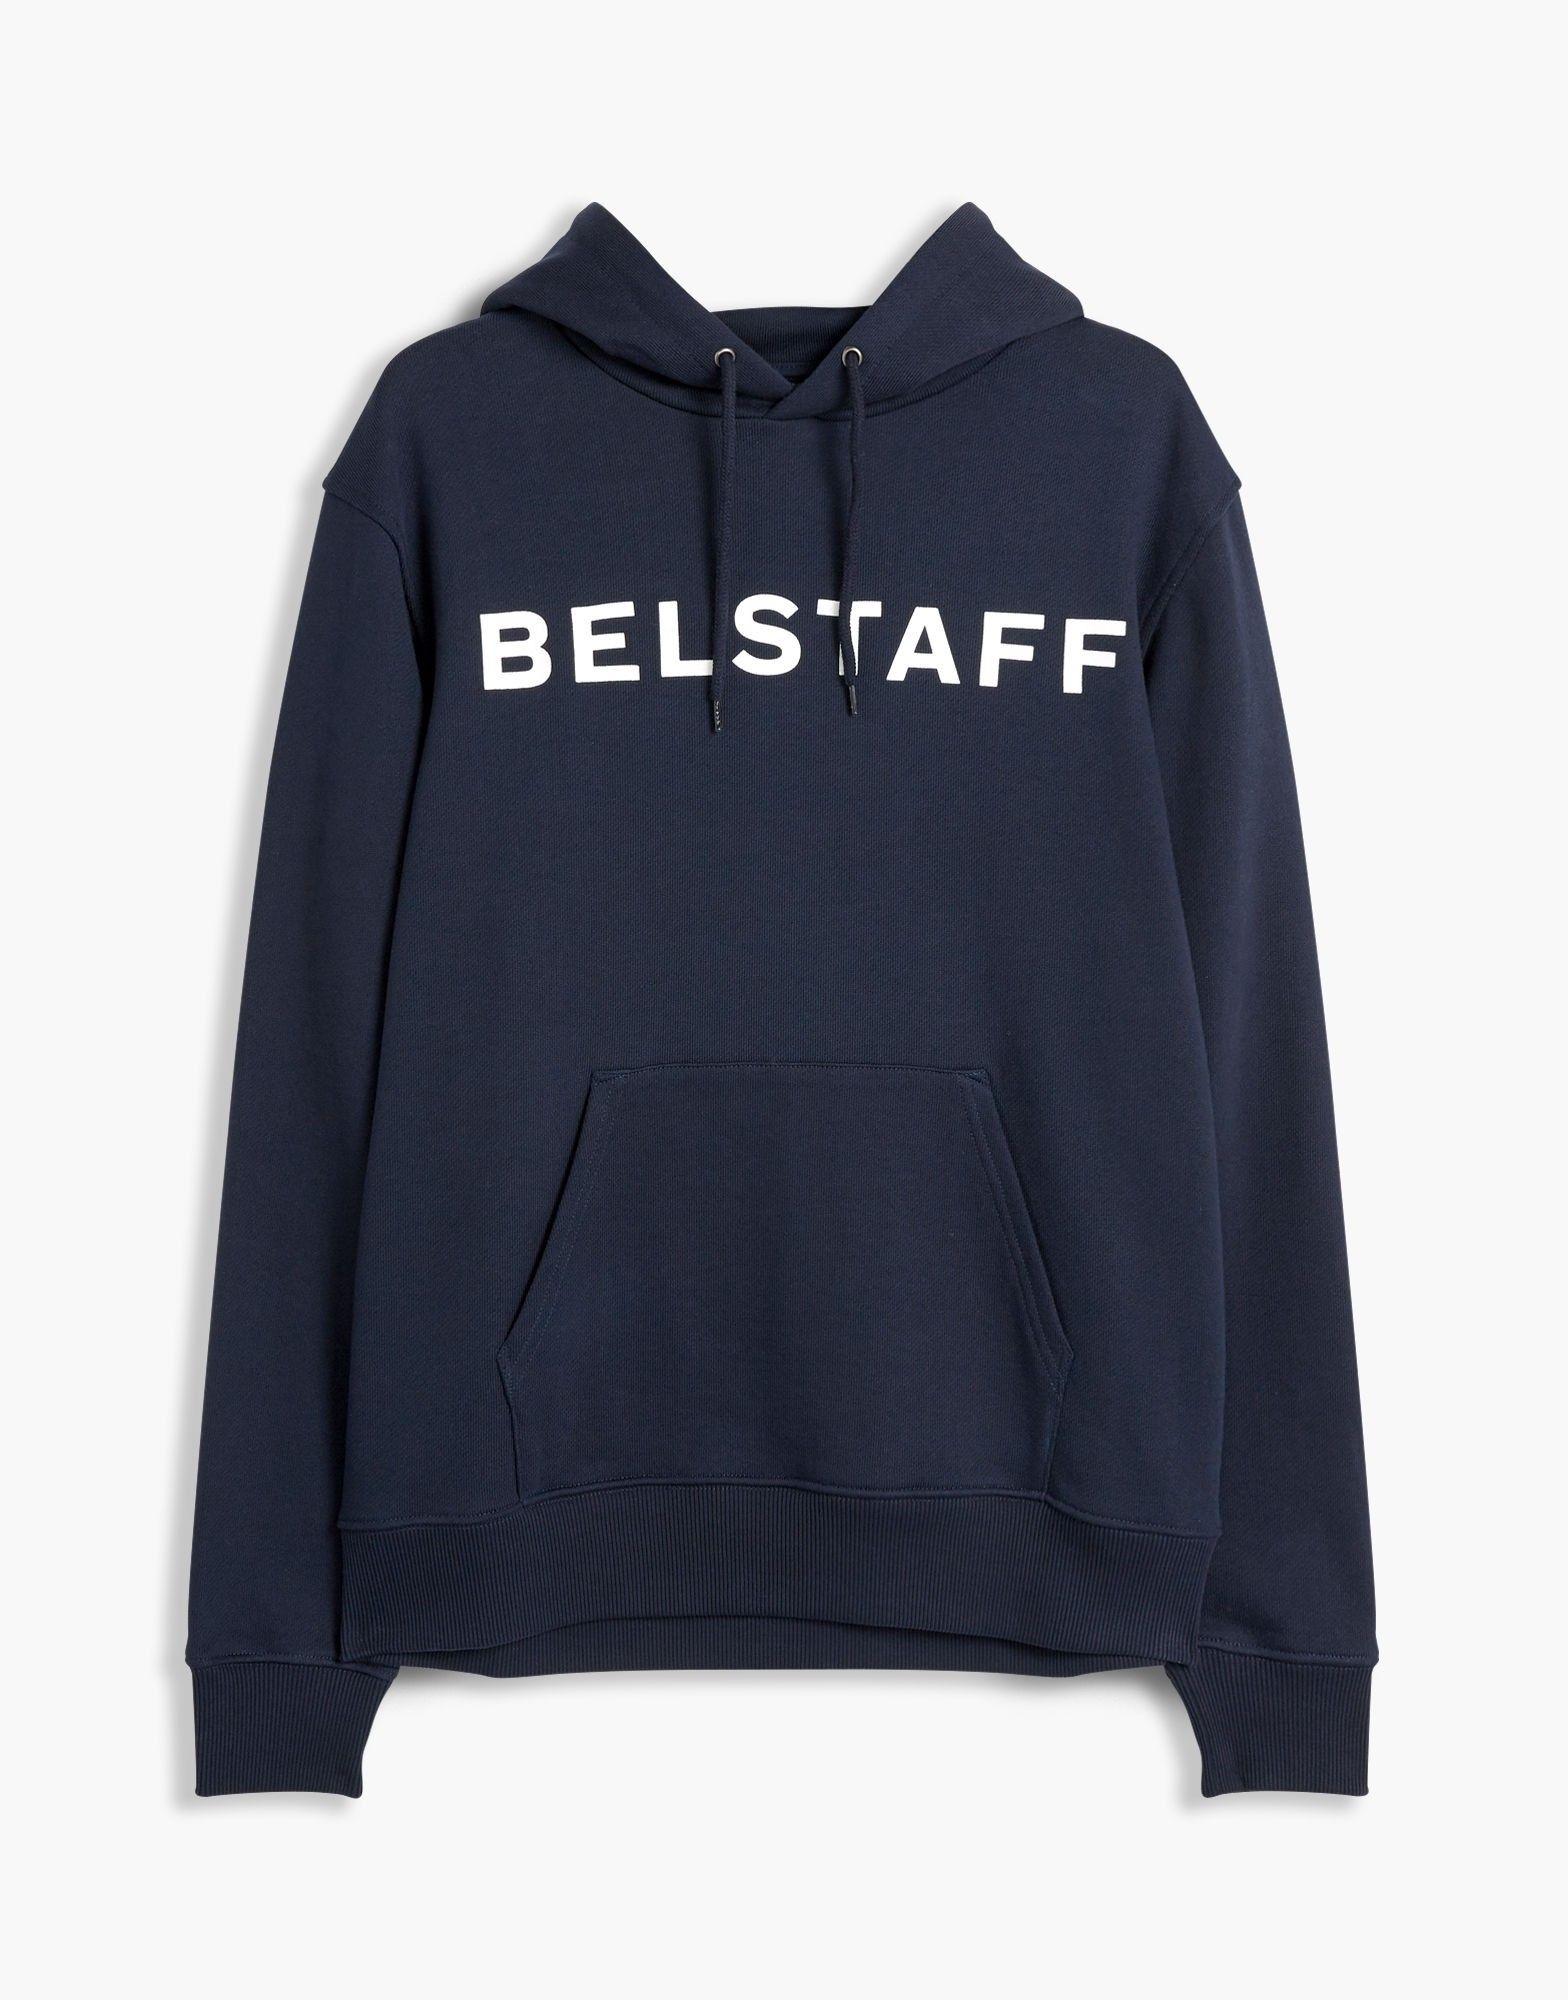 BELSTAFF - Herren Hoodie - Marfield BXS - Navy